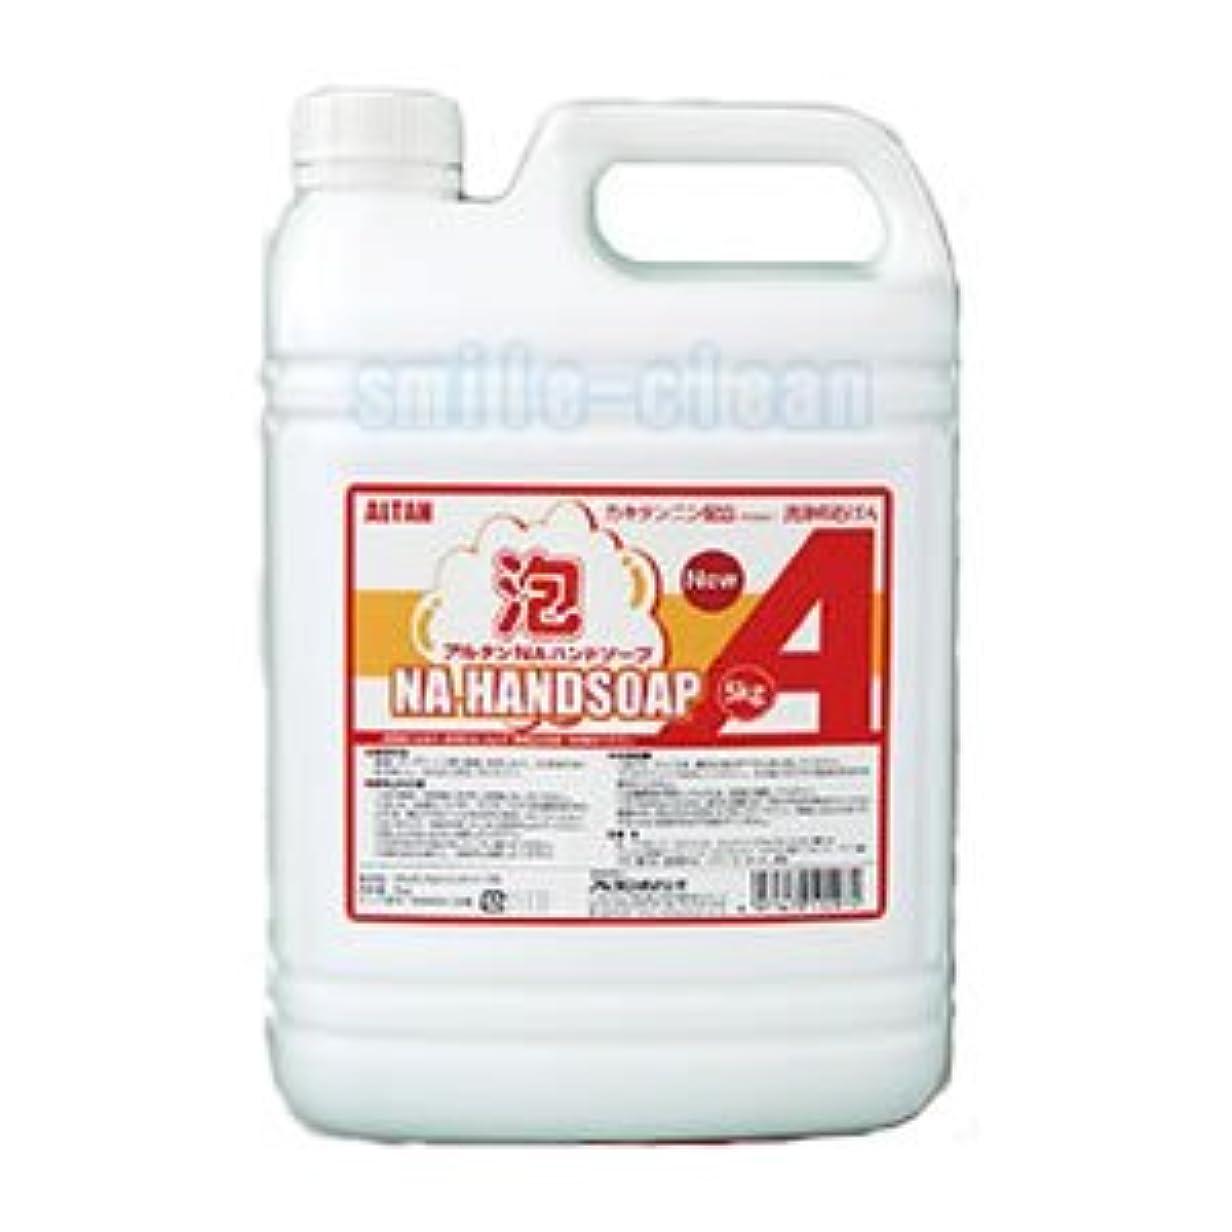 凍ったシルエット冷凍庫柿渋ハンドソープ(泡タイプ)5kg×3本入